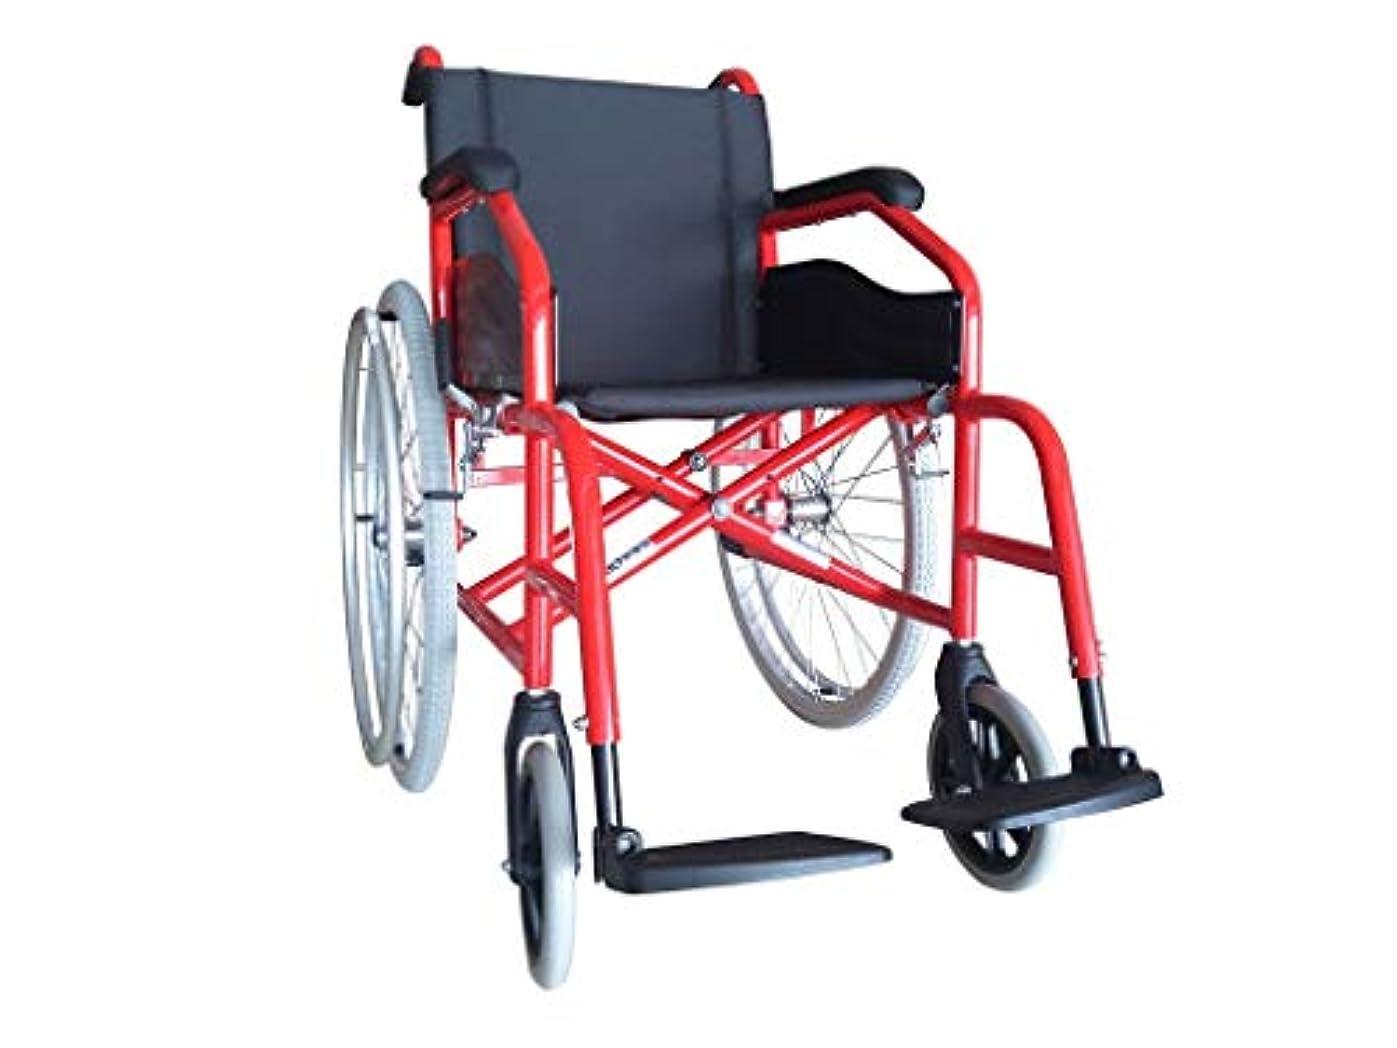 着陸放課後補体折りたたみ車椅子トロリー、多機能高齢者スクーター、無効な屋外車椅子トロリー、強い重力